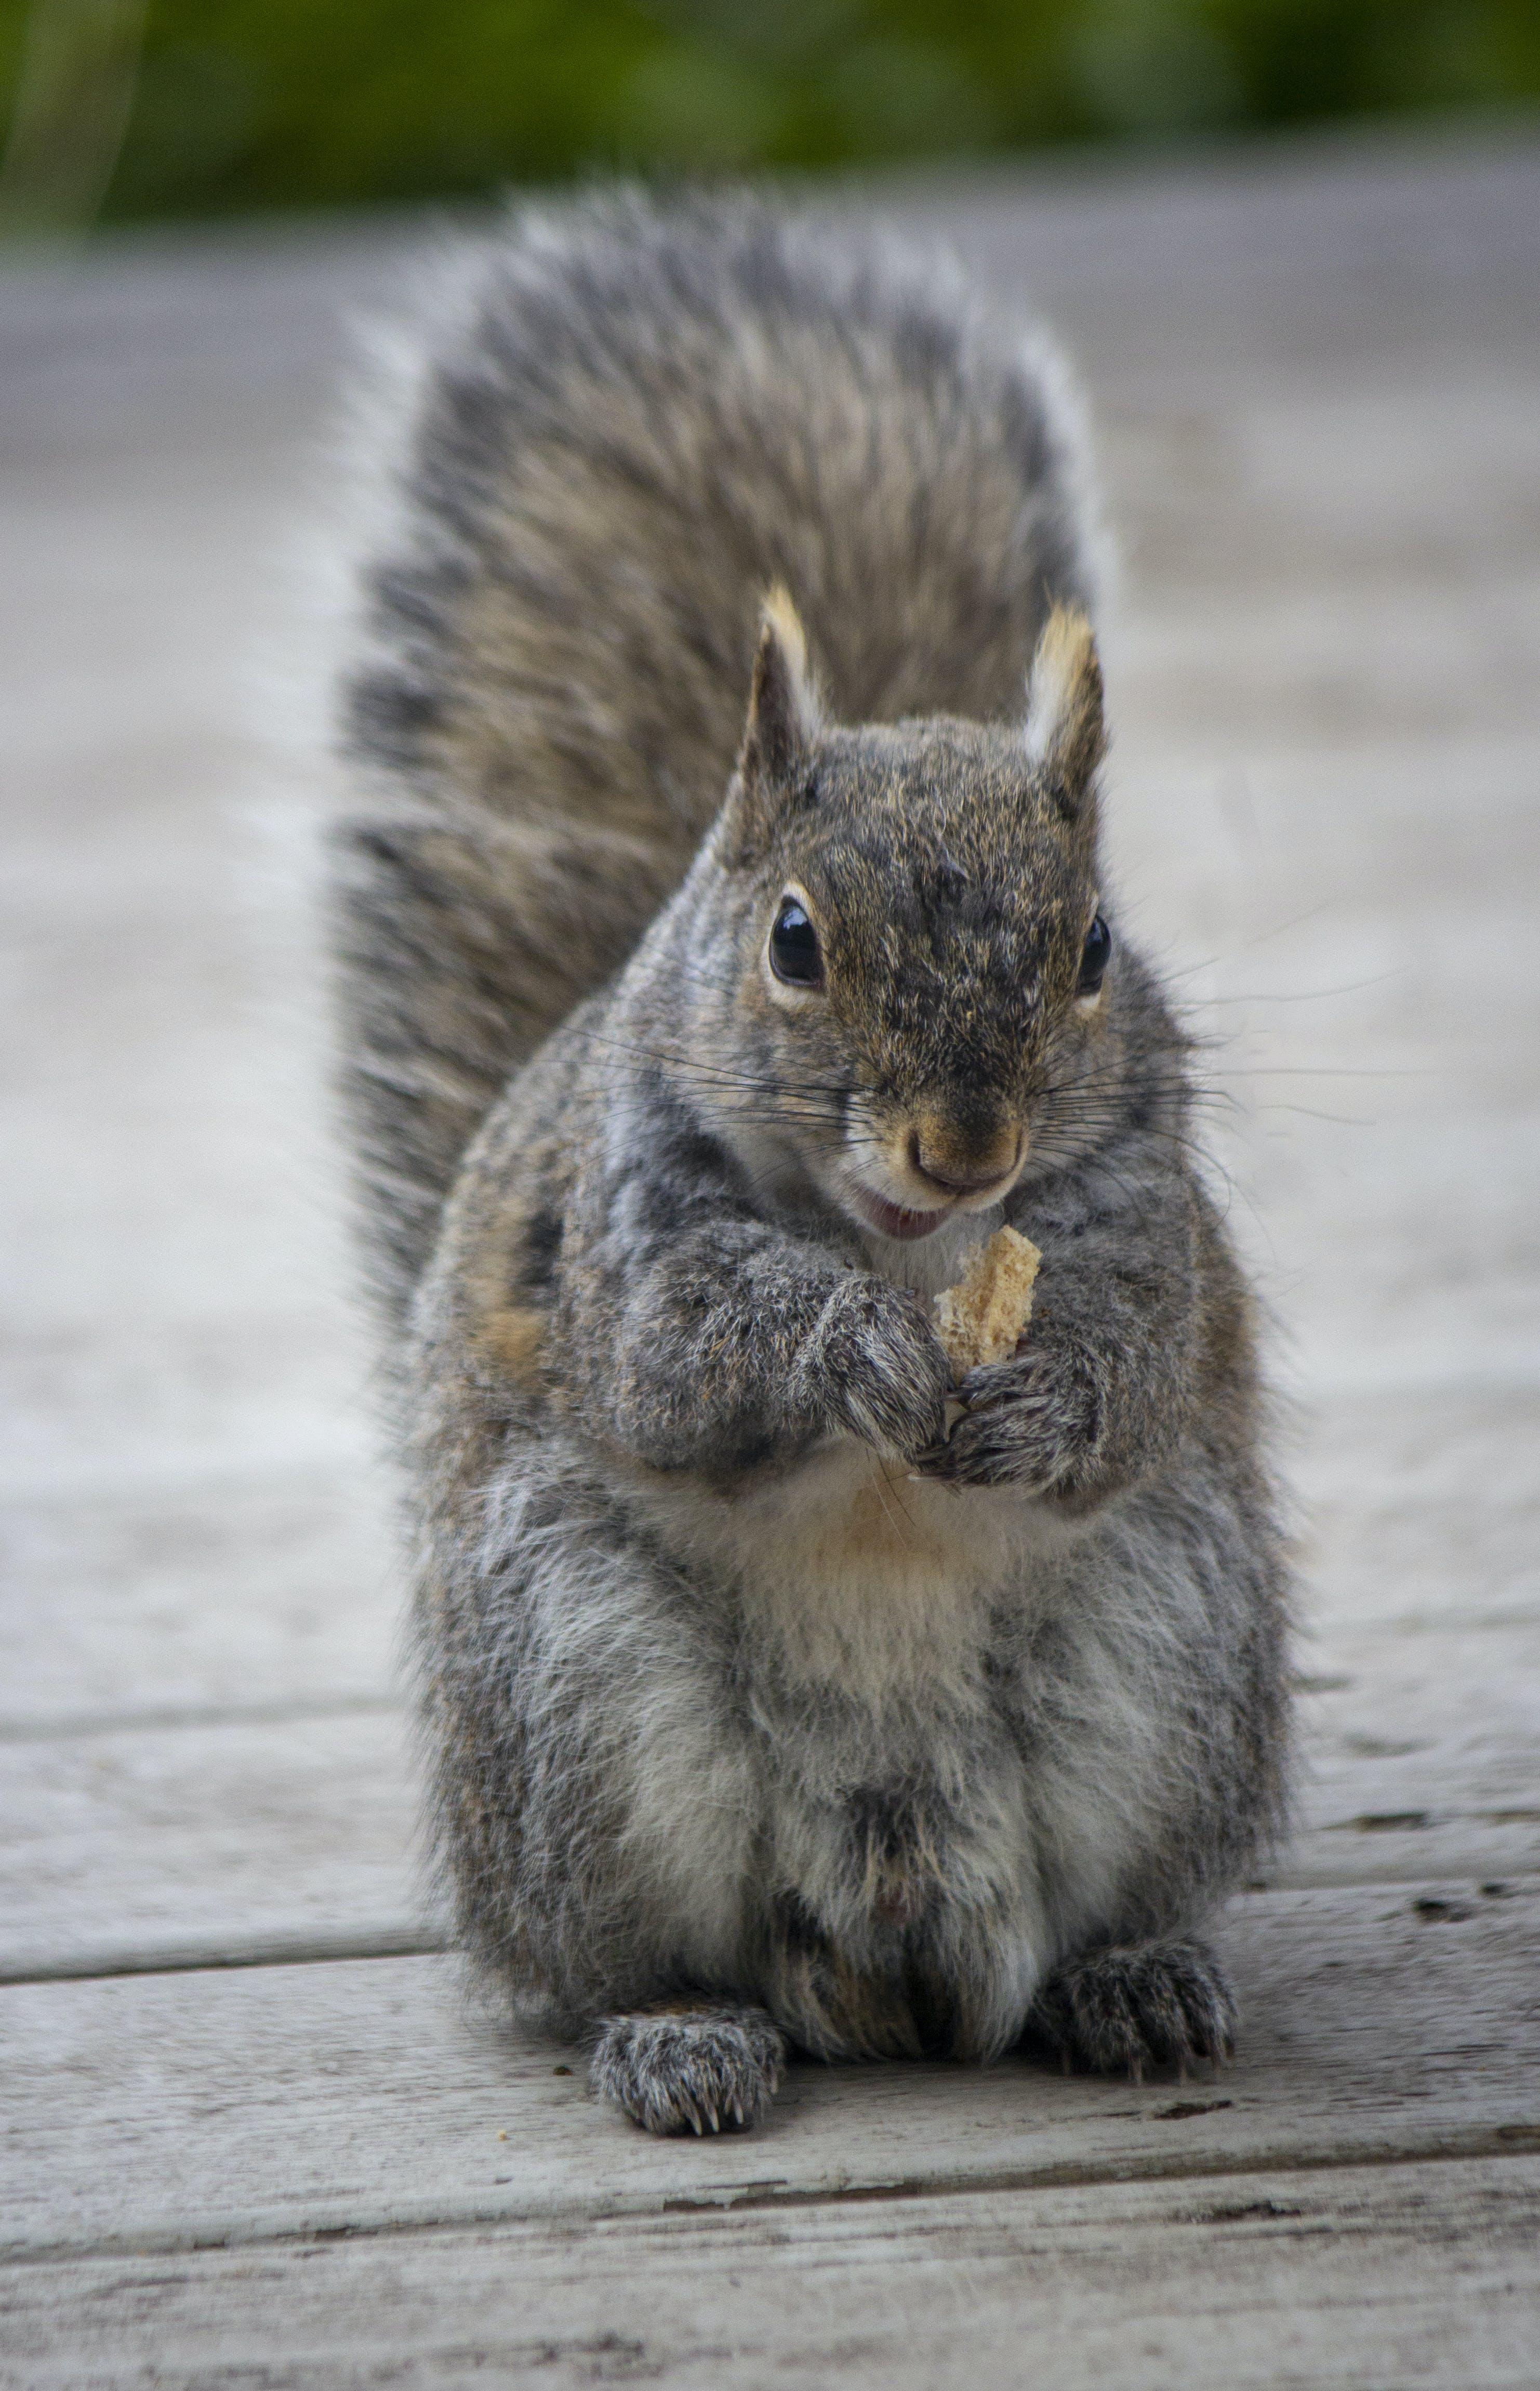 Kostenloses Stock Foto zu eichhörnchen essen, eichhörnchen, essen, rotes eichhörnchen